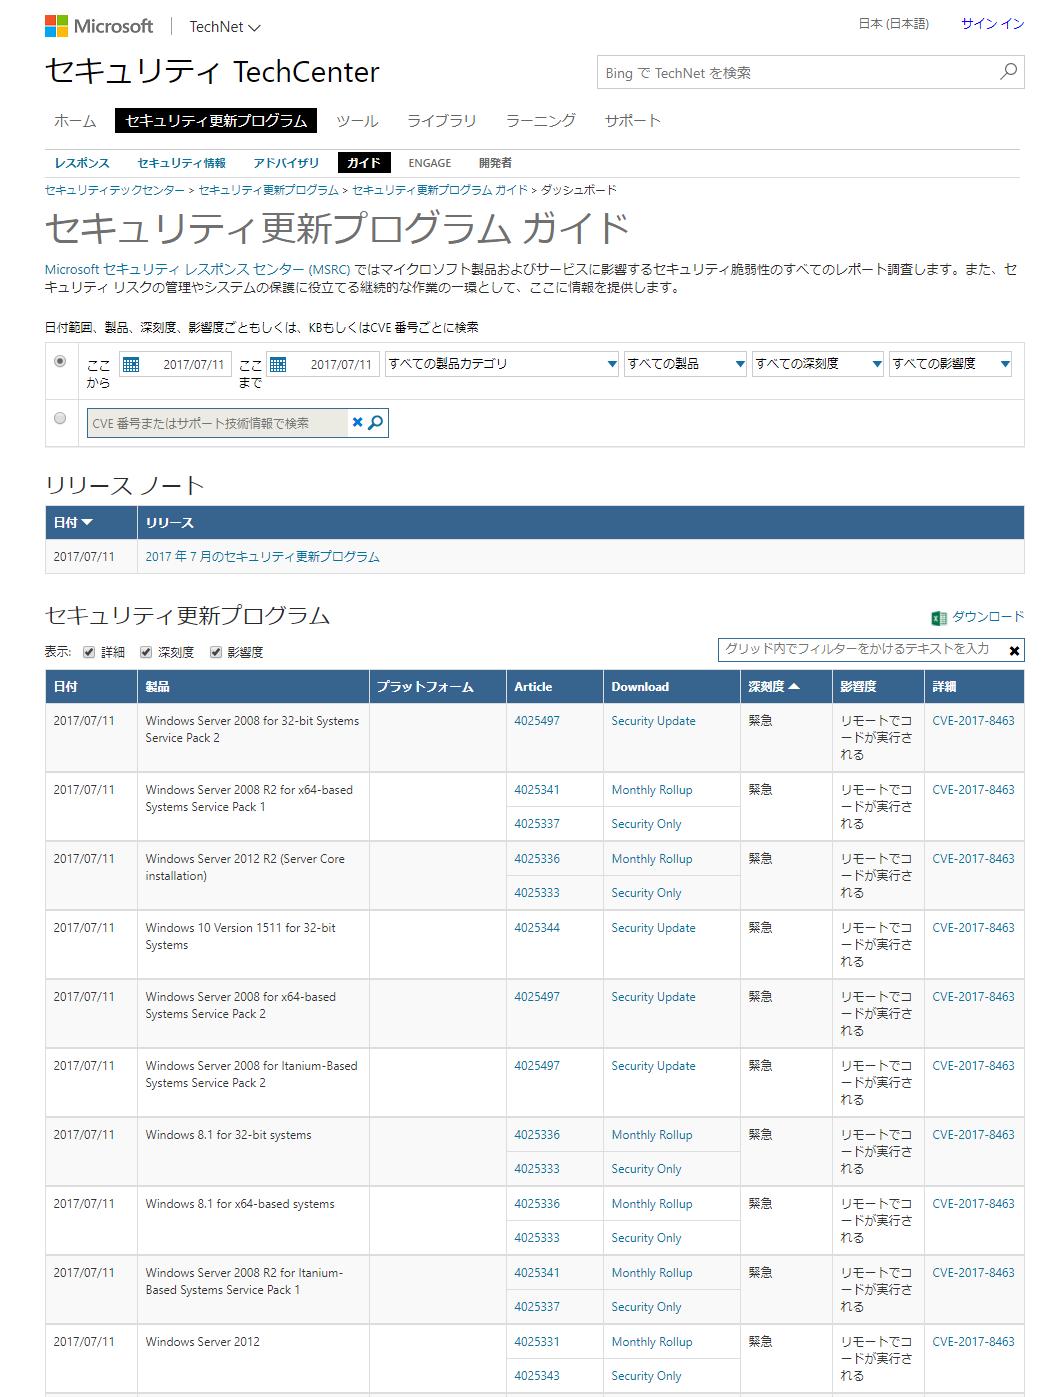 「セキュリティ更新プログラム ガイド」で提供されている修正パッチ情報(一部)